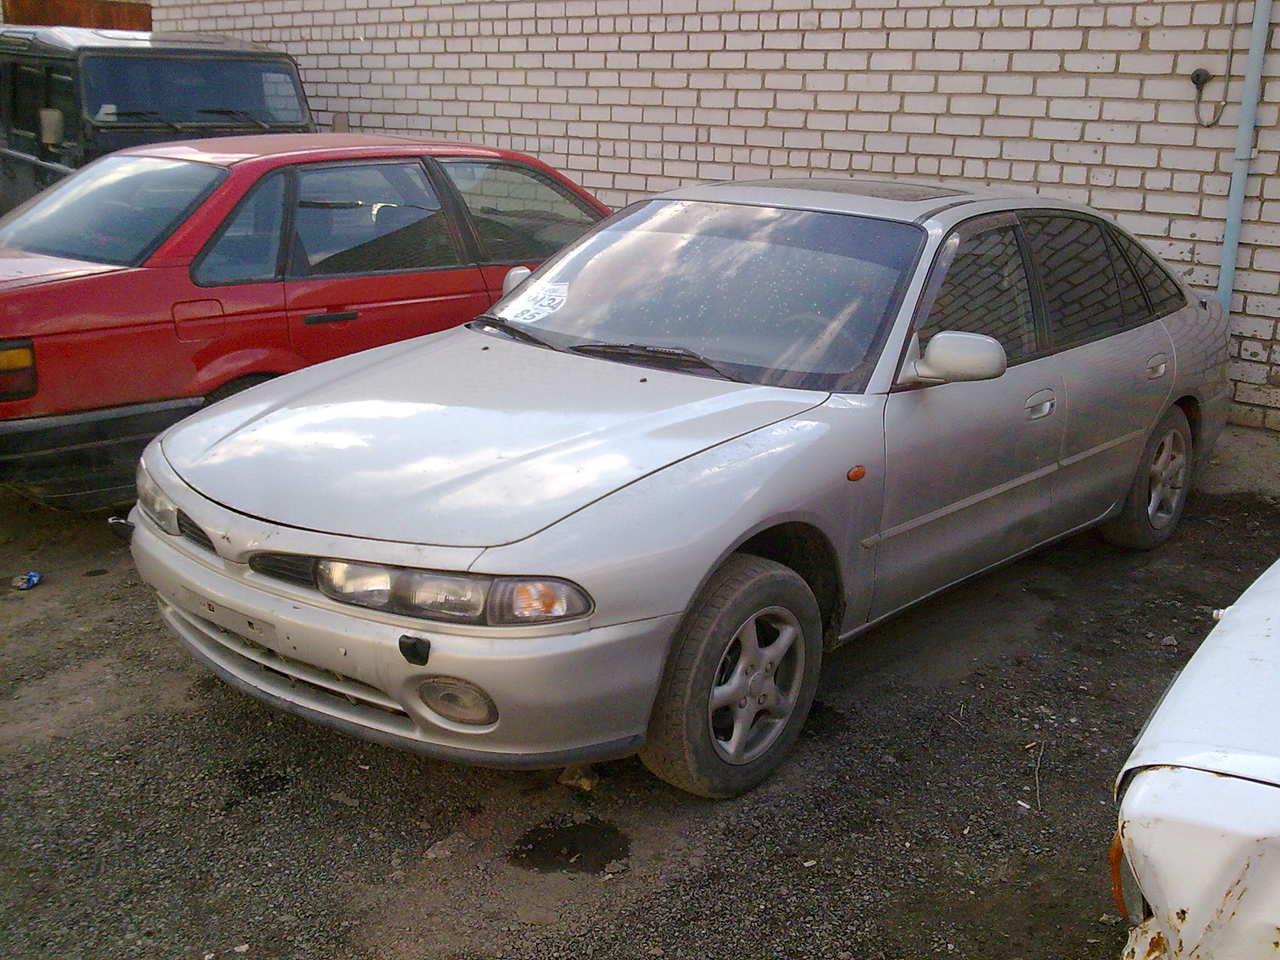 Photo #1 - Enlarge photo 1280x960 1993 Mitsubishi Galant Photos